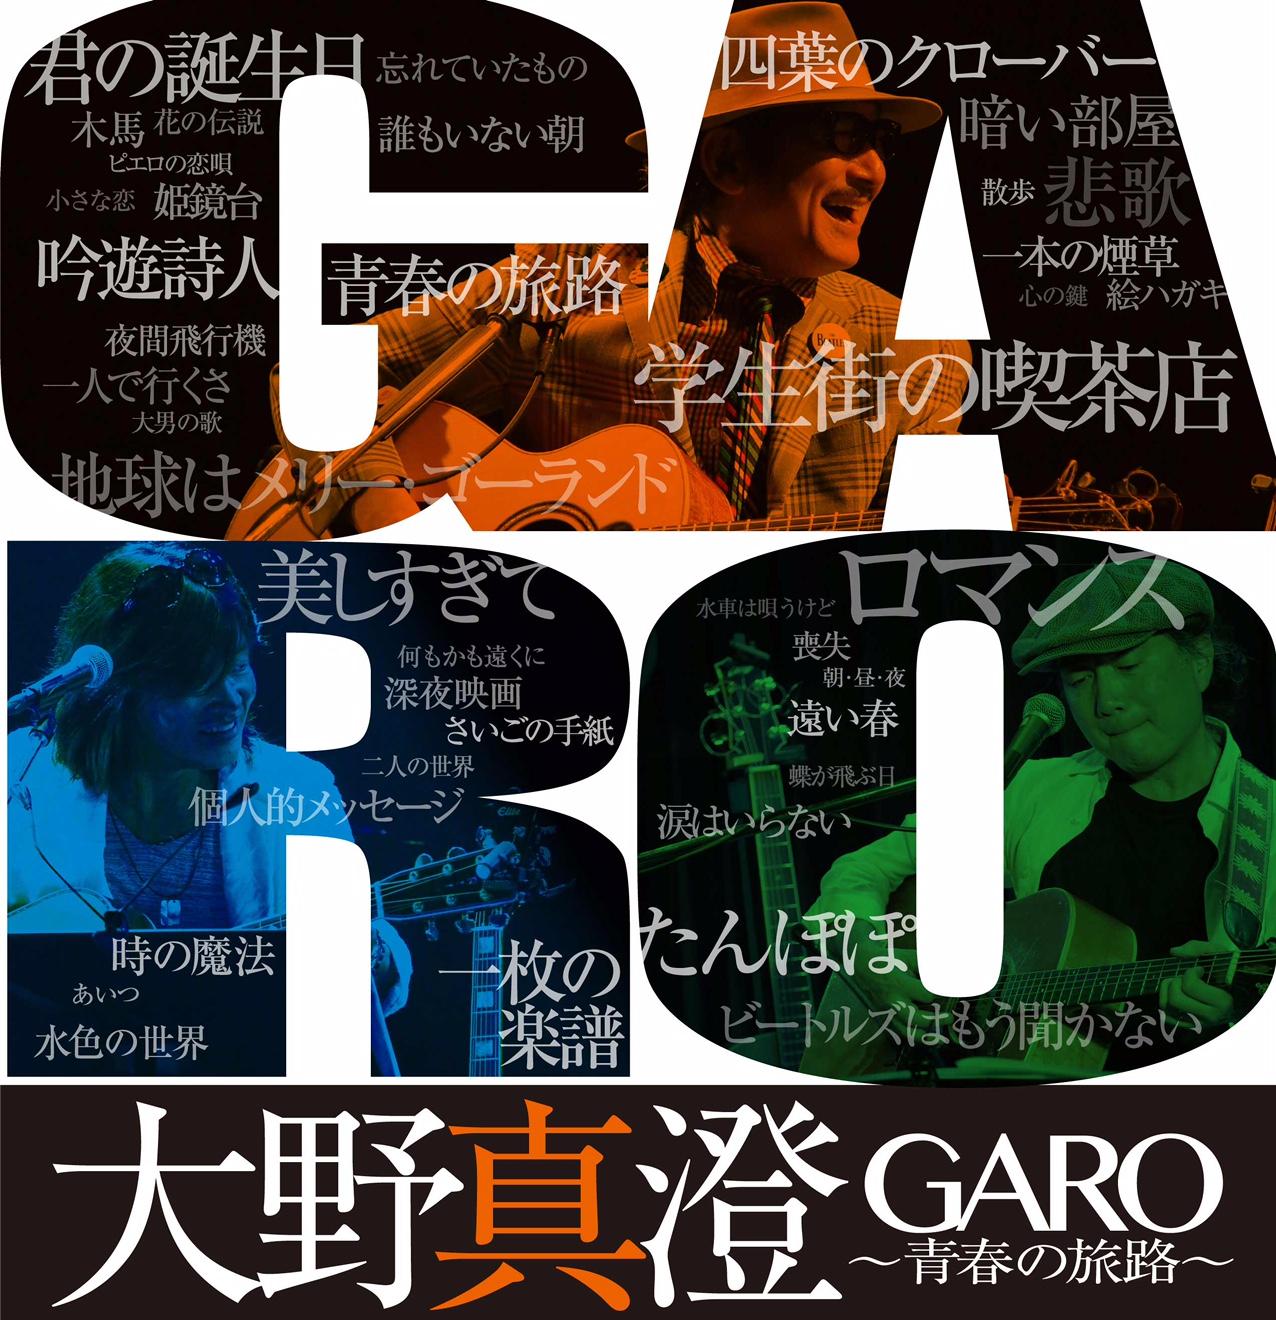 大野真澄 ~GARO 青春の旅路 ACT4